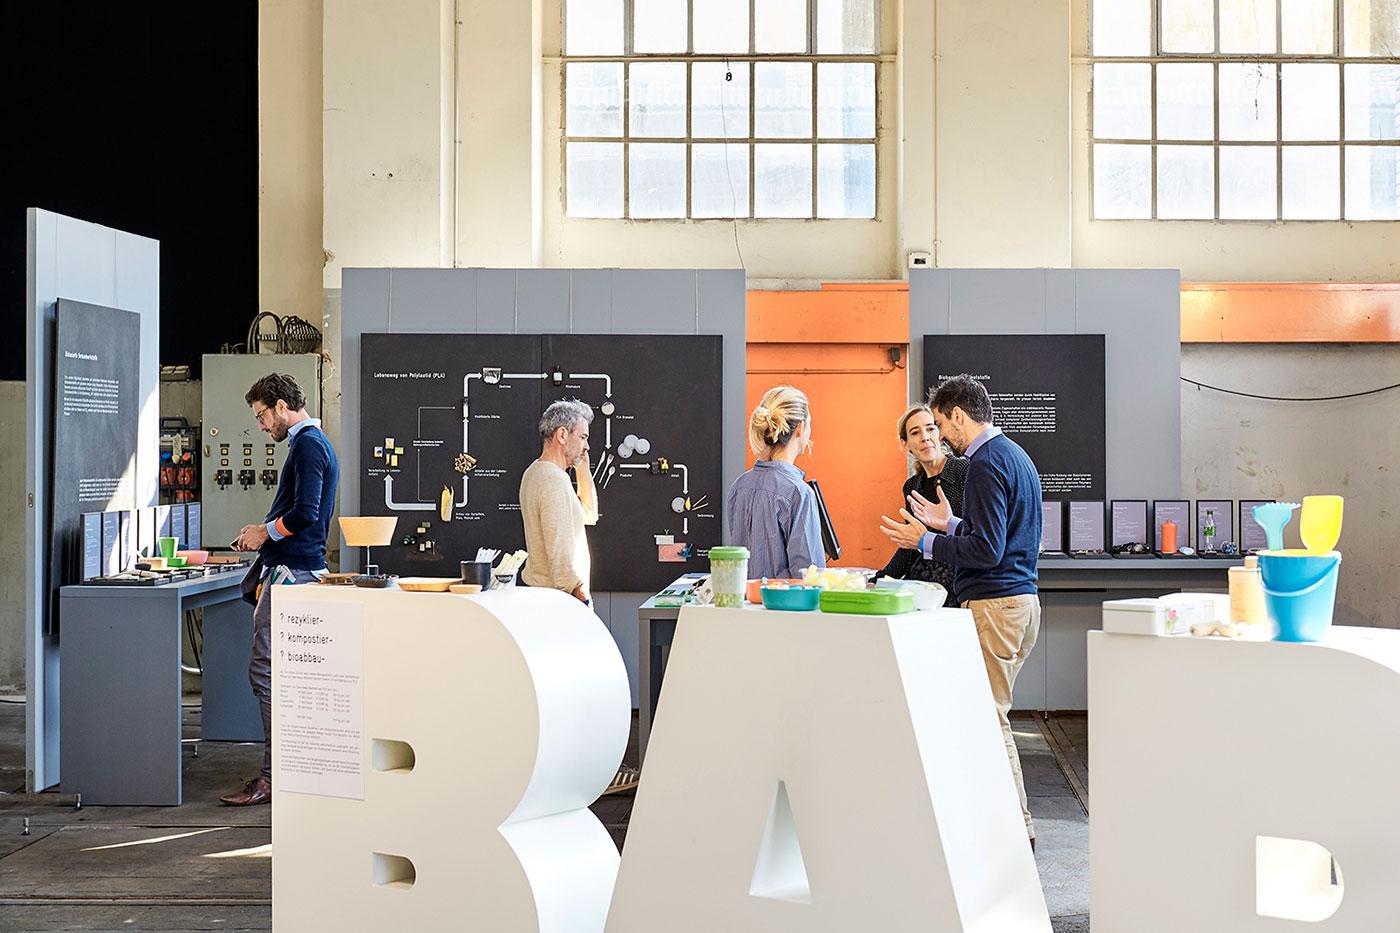 Design Biennale Zürich 2017, Materialien von Morgen: Biokunststofe, Material-Archiv (Foto: Luca Zanier)